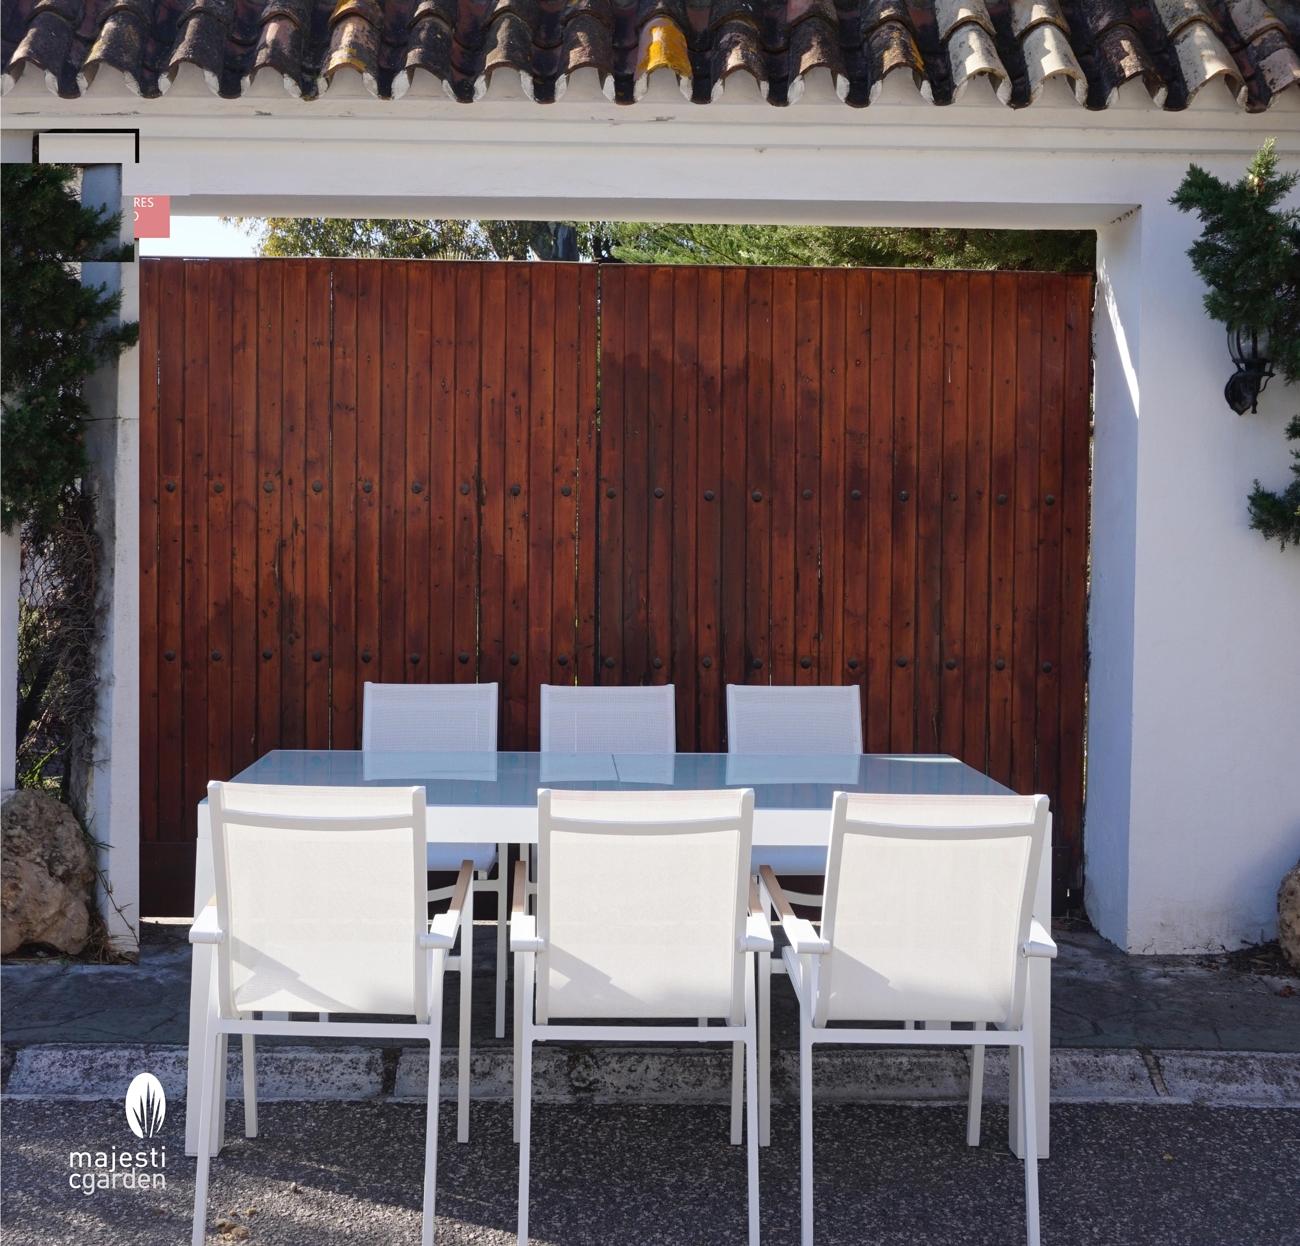 JUEGO DE COMEDOR PARA EXTERIOR AINARA - Juego de mesa y sillas para exterior modelo AINARA de Majestic Garden